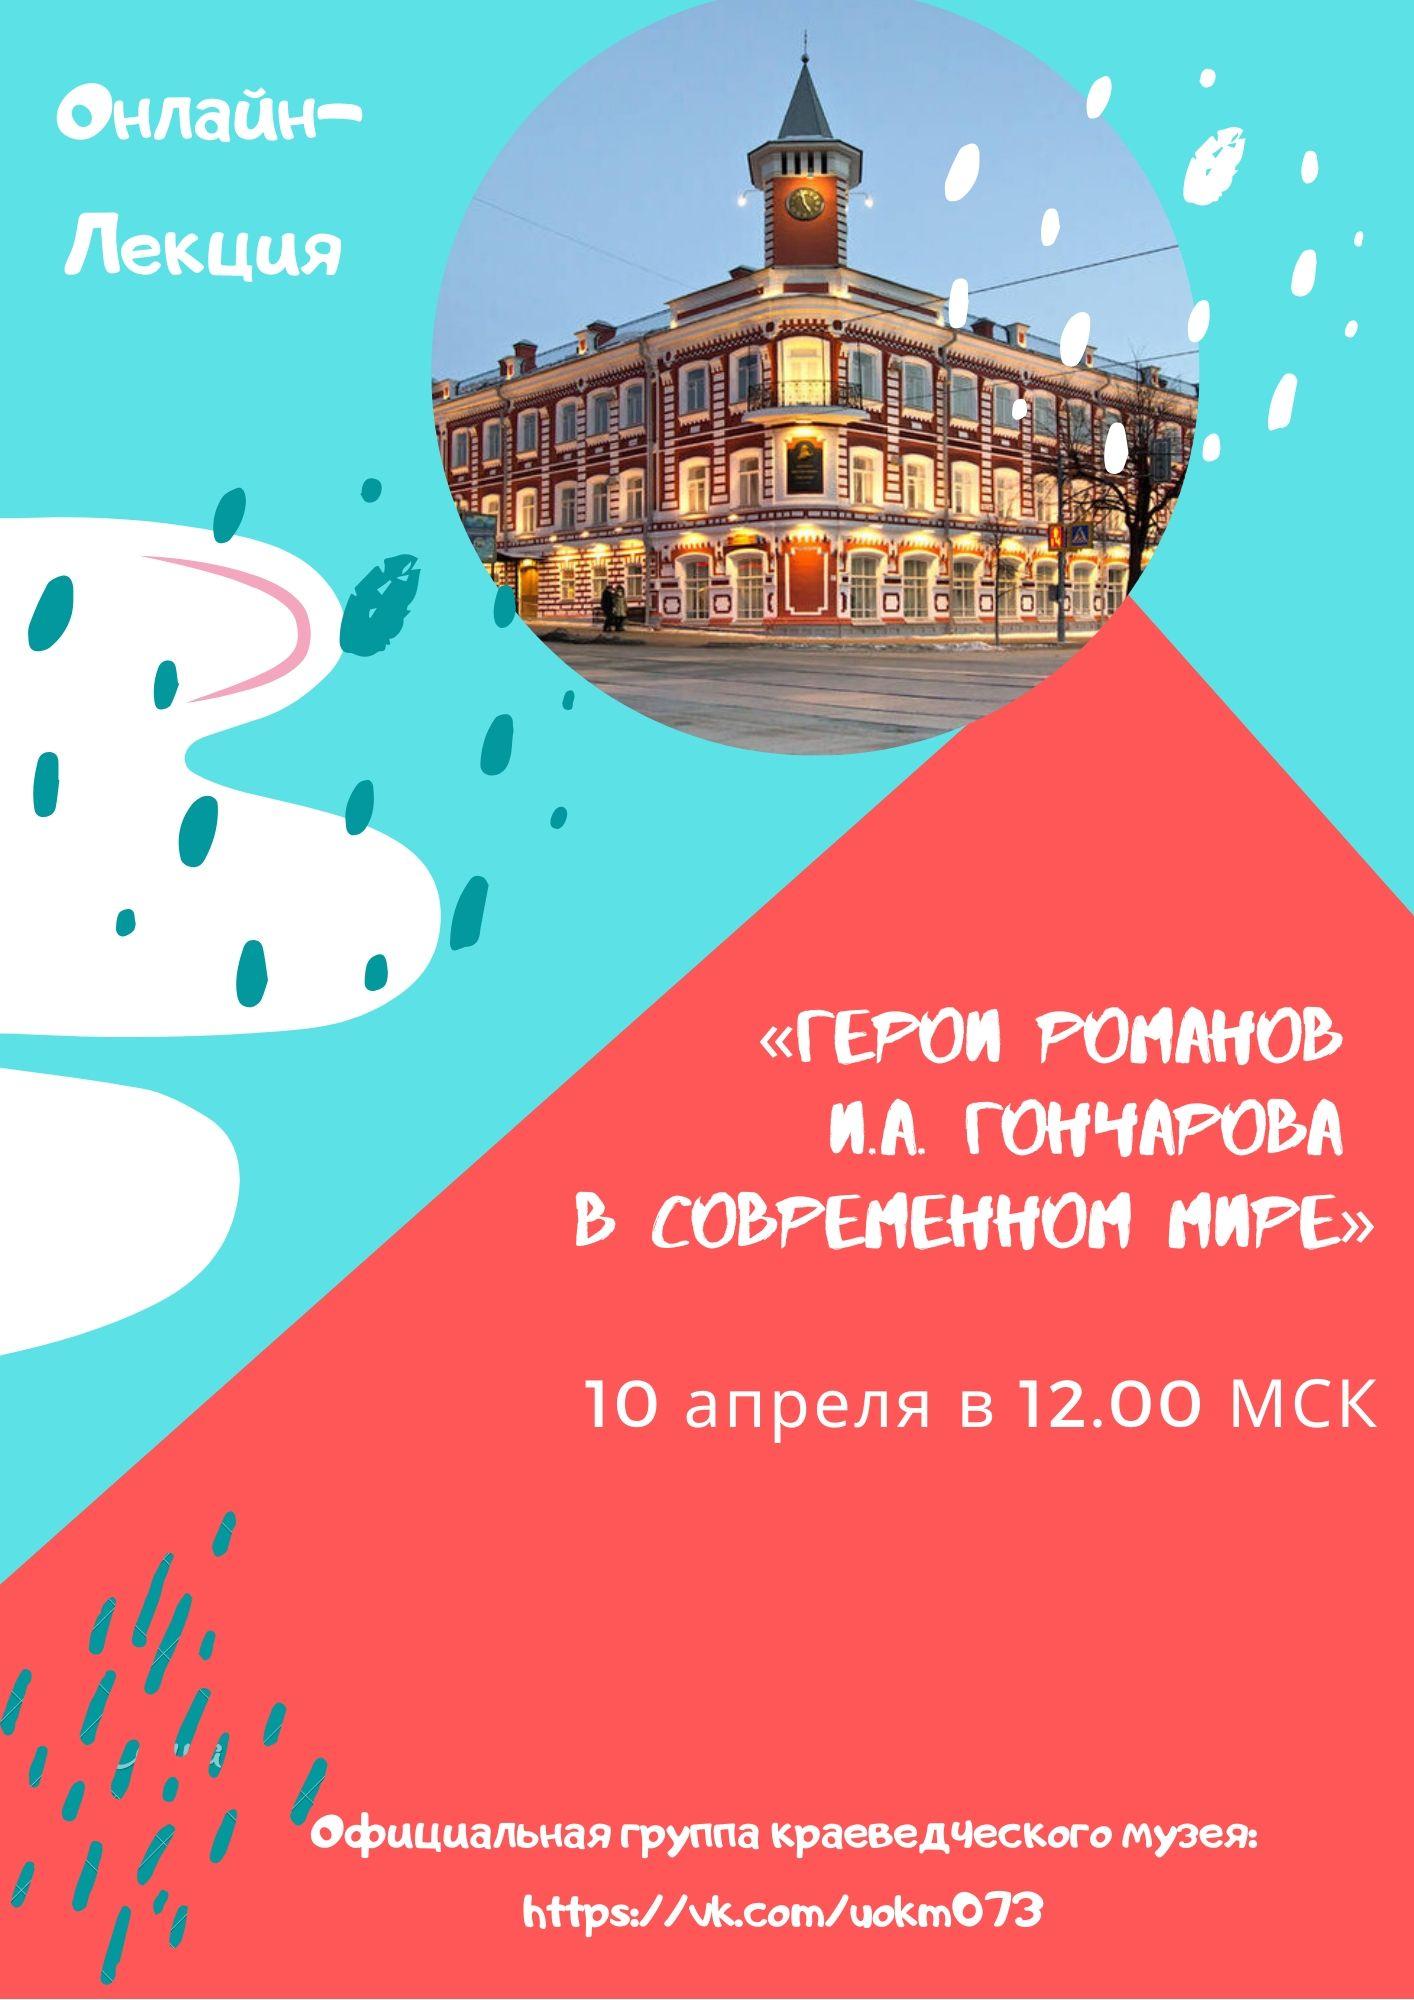 Онлайн-лекция «Герои романов И.А. Гончарова в современном мире»